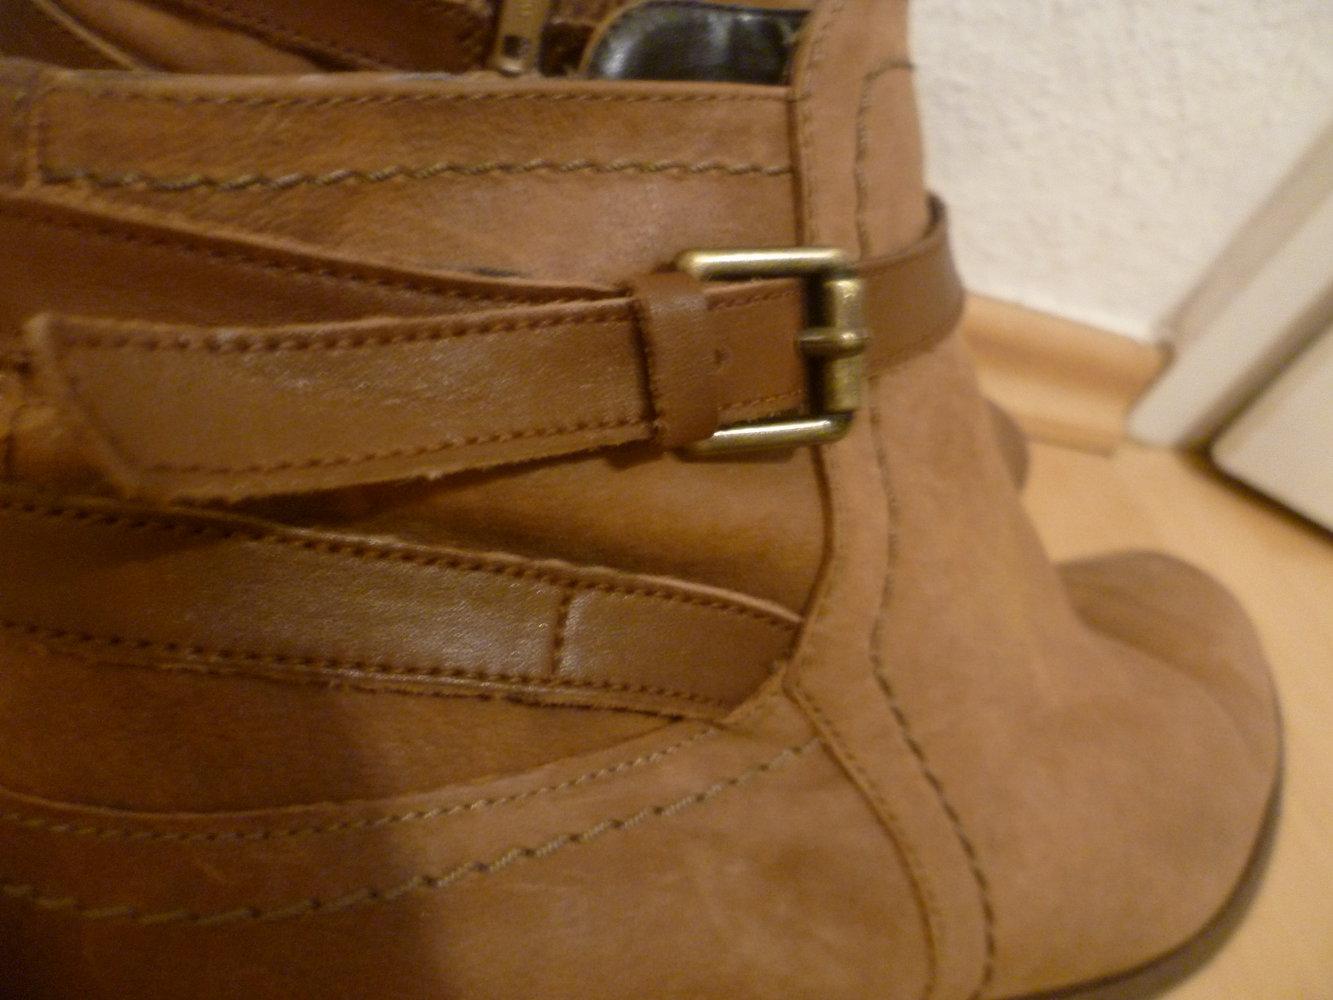 super beliebt moderate Kosten groß auswahl Braune Stiefeletten von 5th Avenue, Deichmann, echtes Leder, Ankle Boots,  Winter, Herbst, Blogger